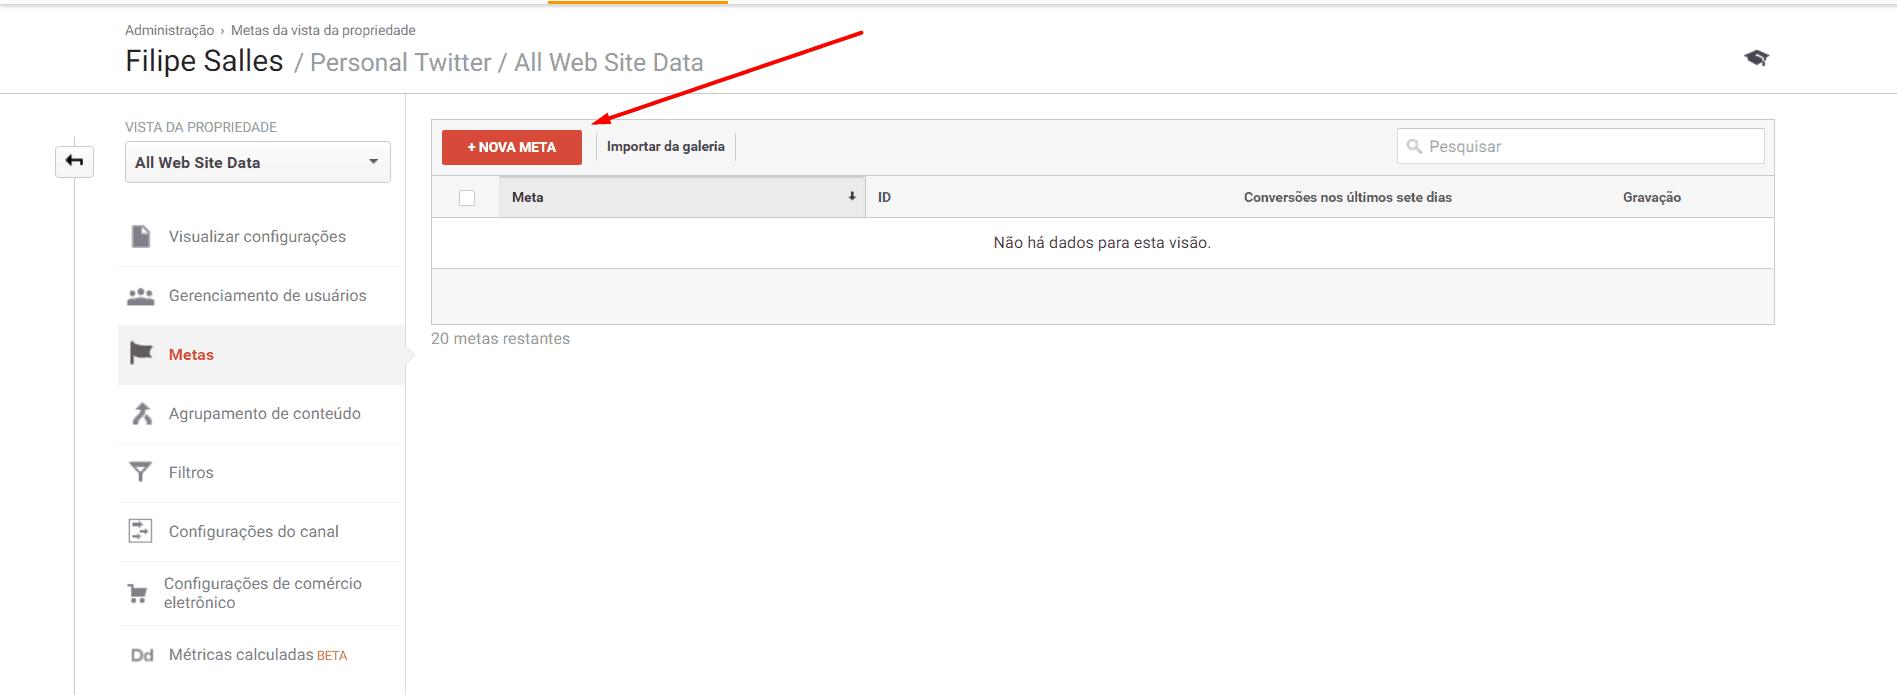 usar-o-google-analytics-novameta